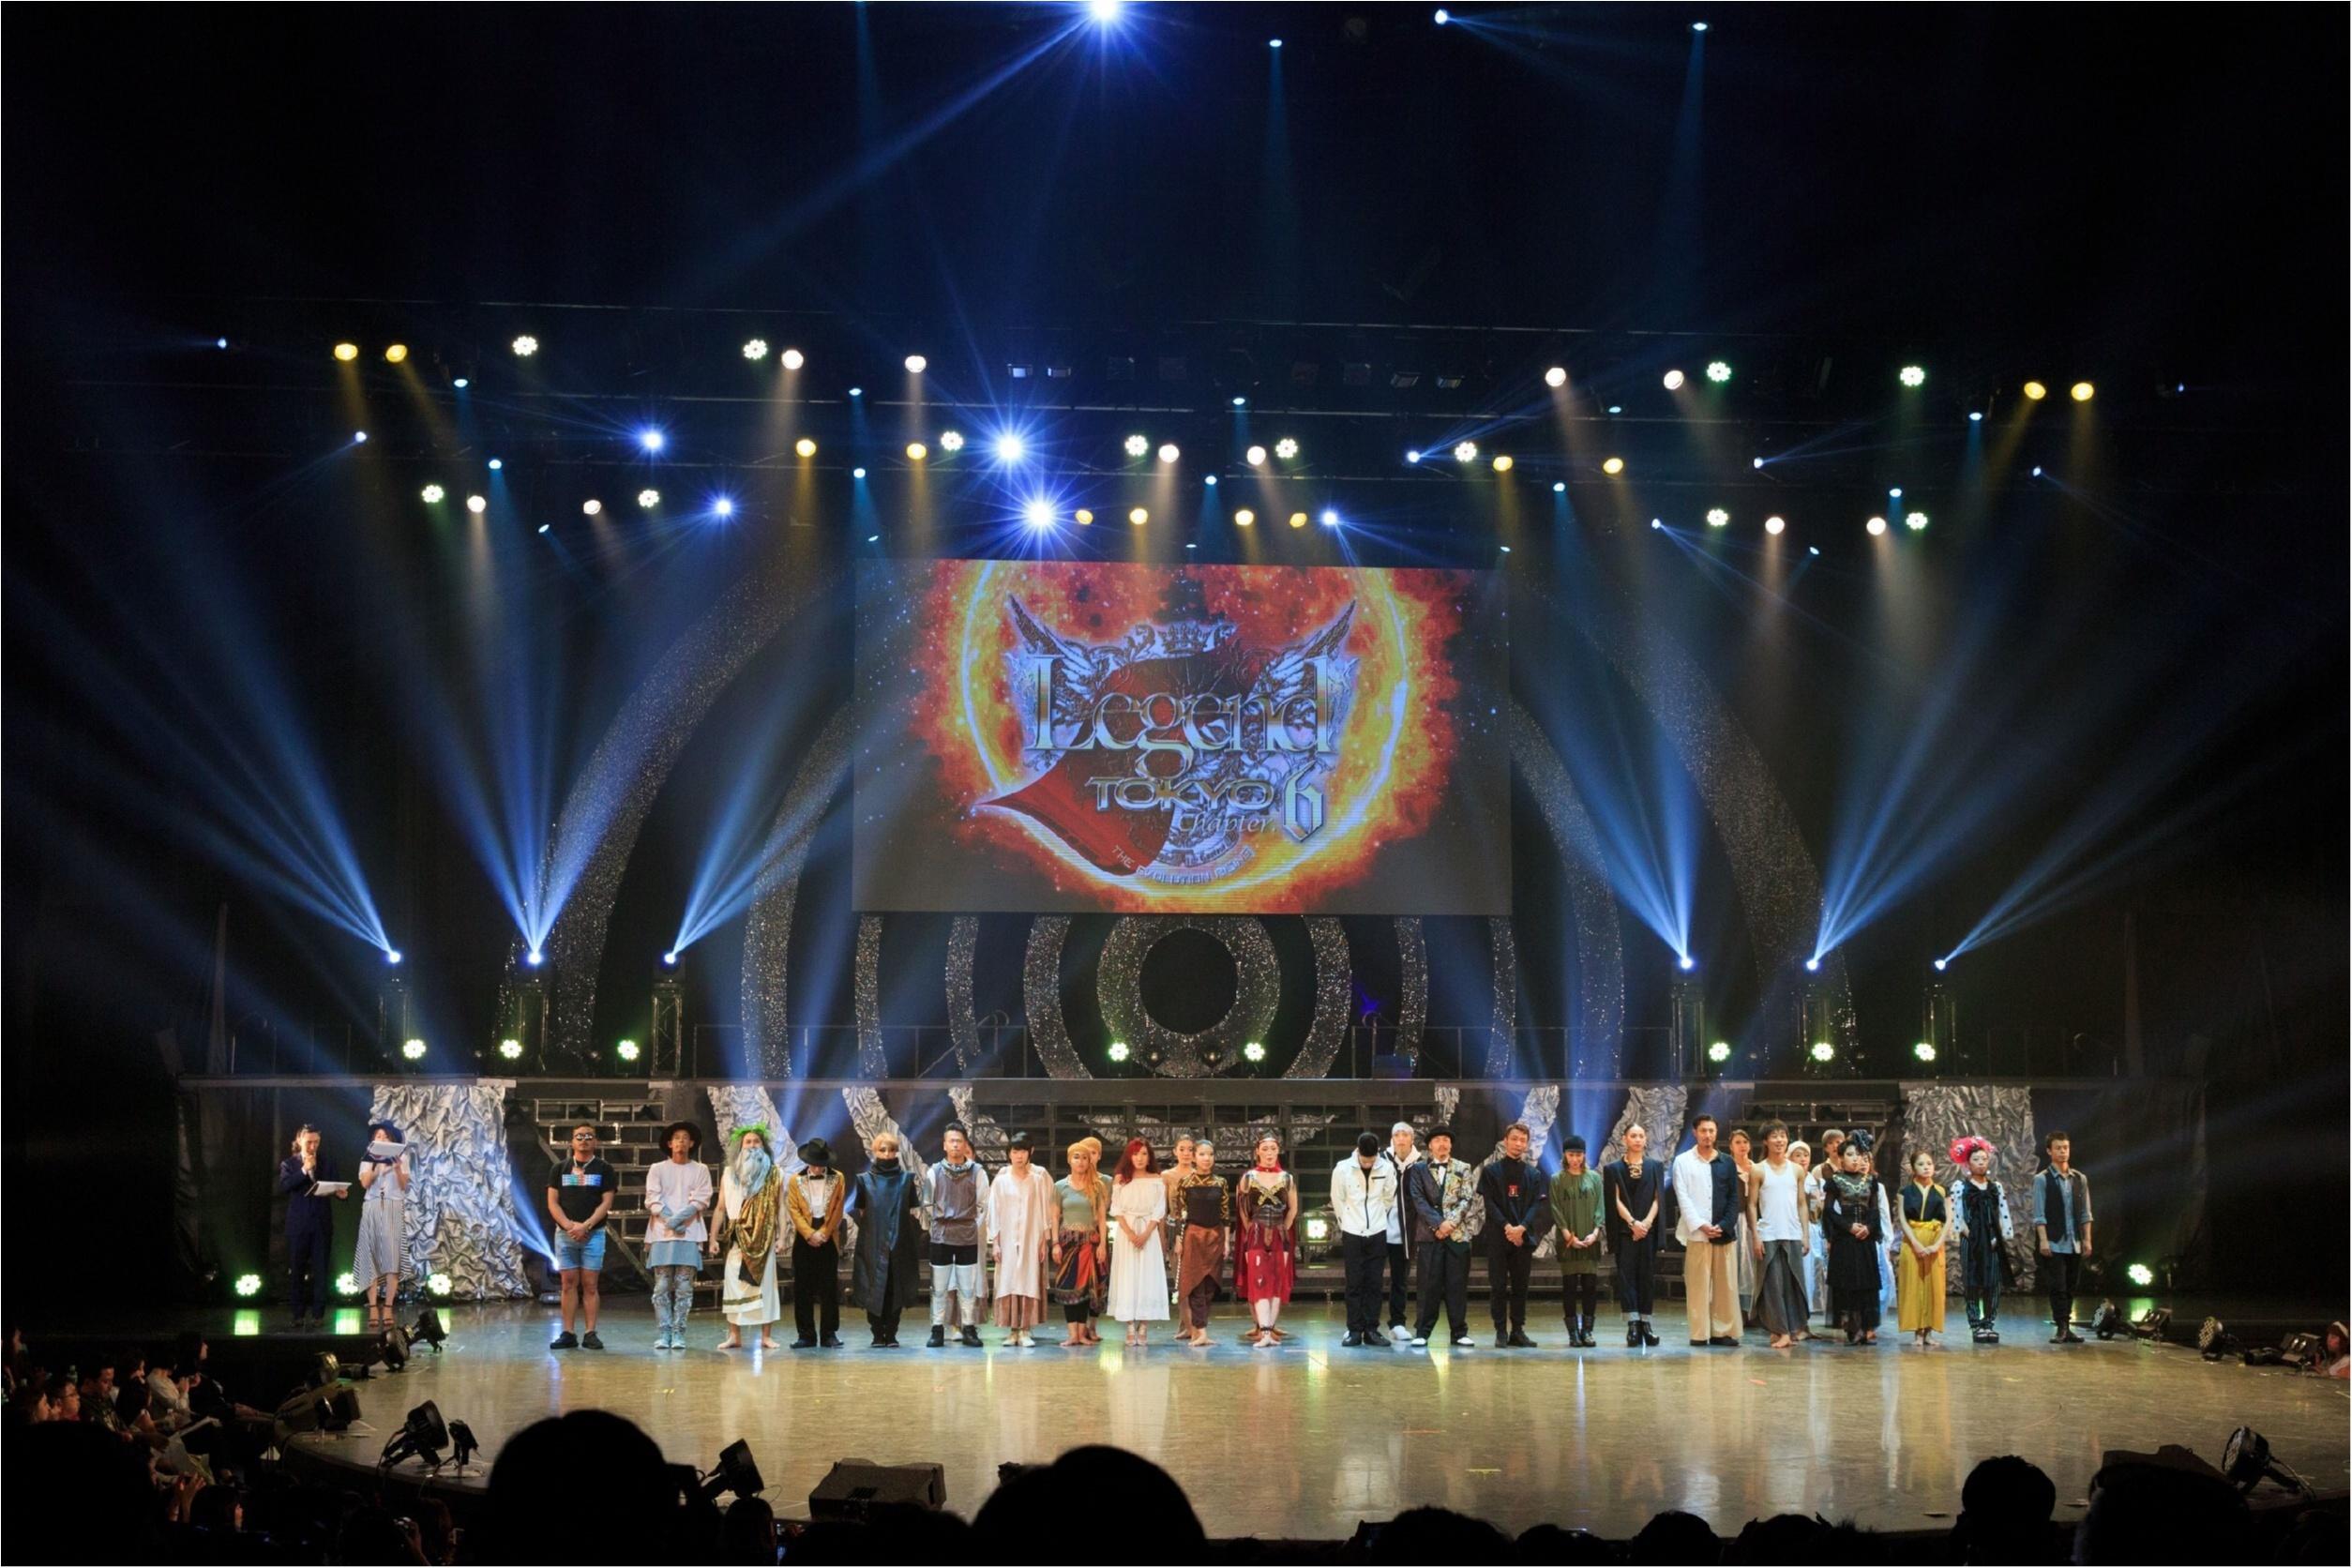 《より多くの人達にダンスを》新次元ダンスコンテスト【Legend Tokyo】が進化を続ける理由とは。_3